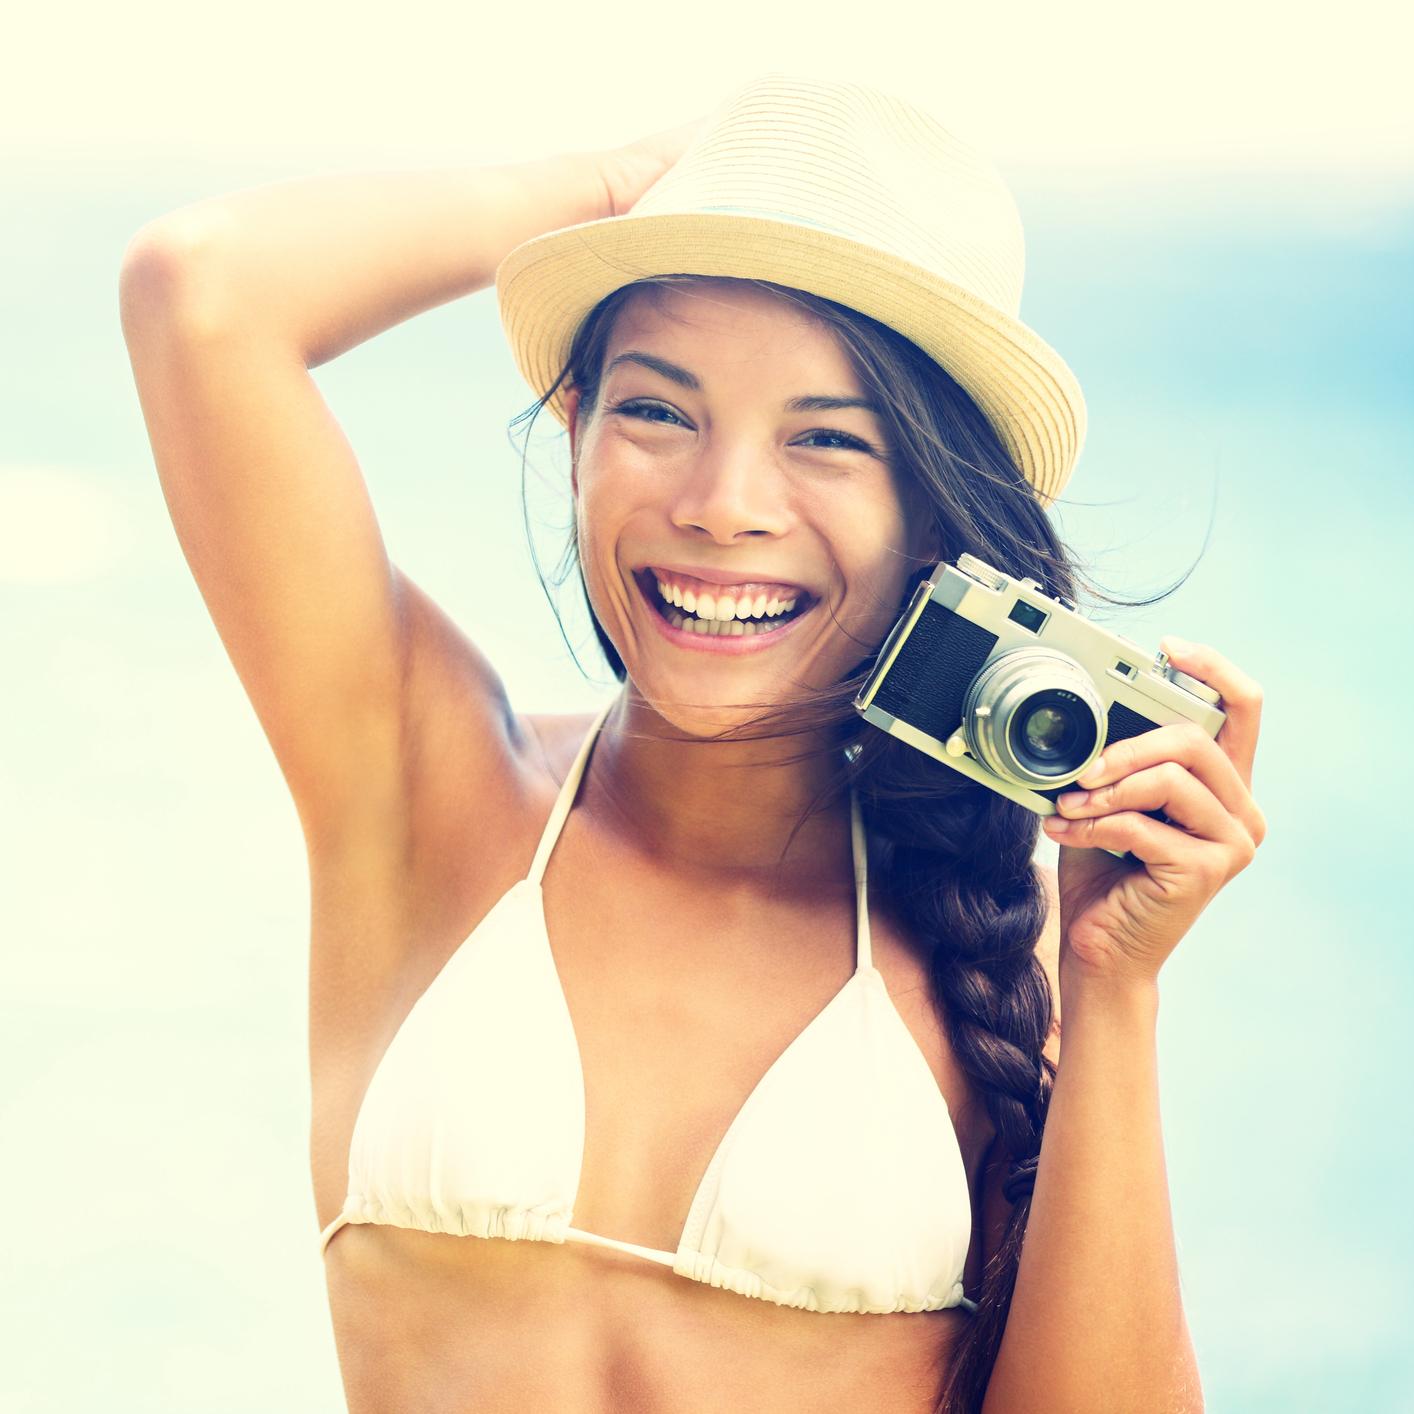 Солнцезащитный крем спасет тебя от преждевременного старения и пигментных пятен